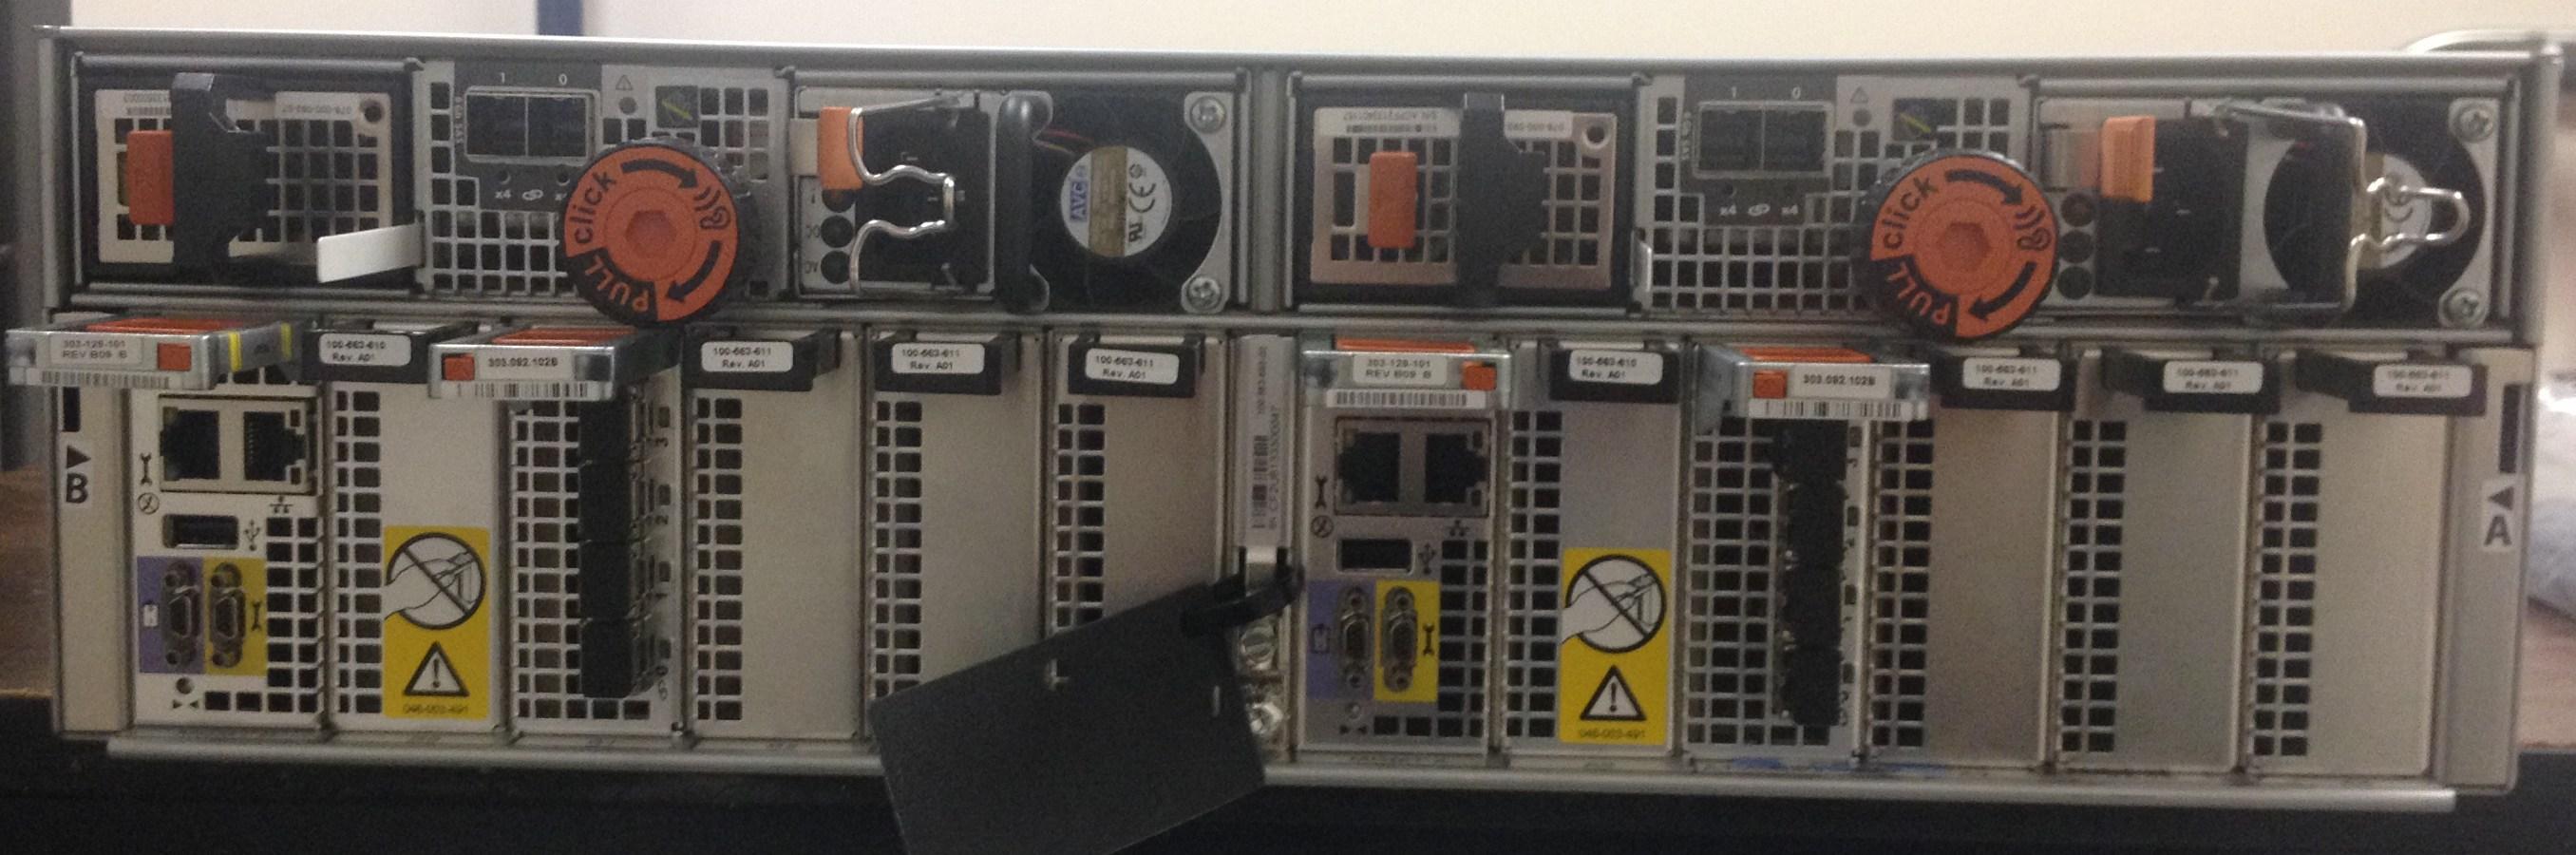 استوریج EMC VNX5400